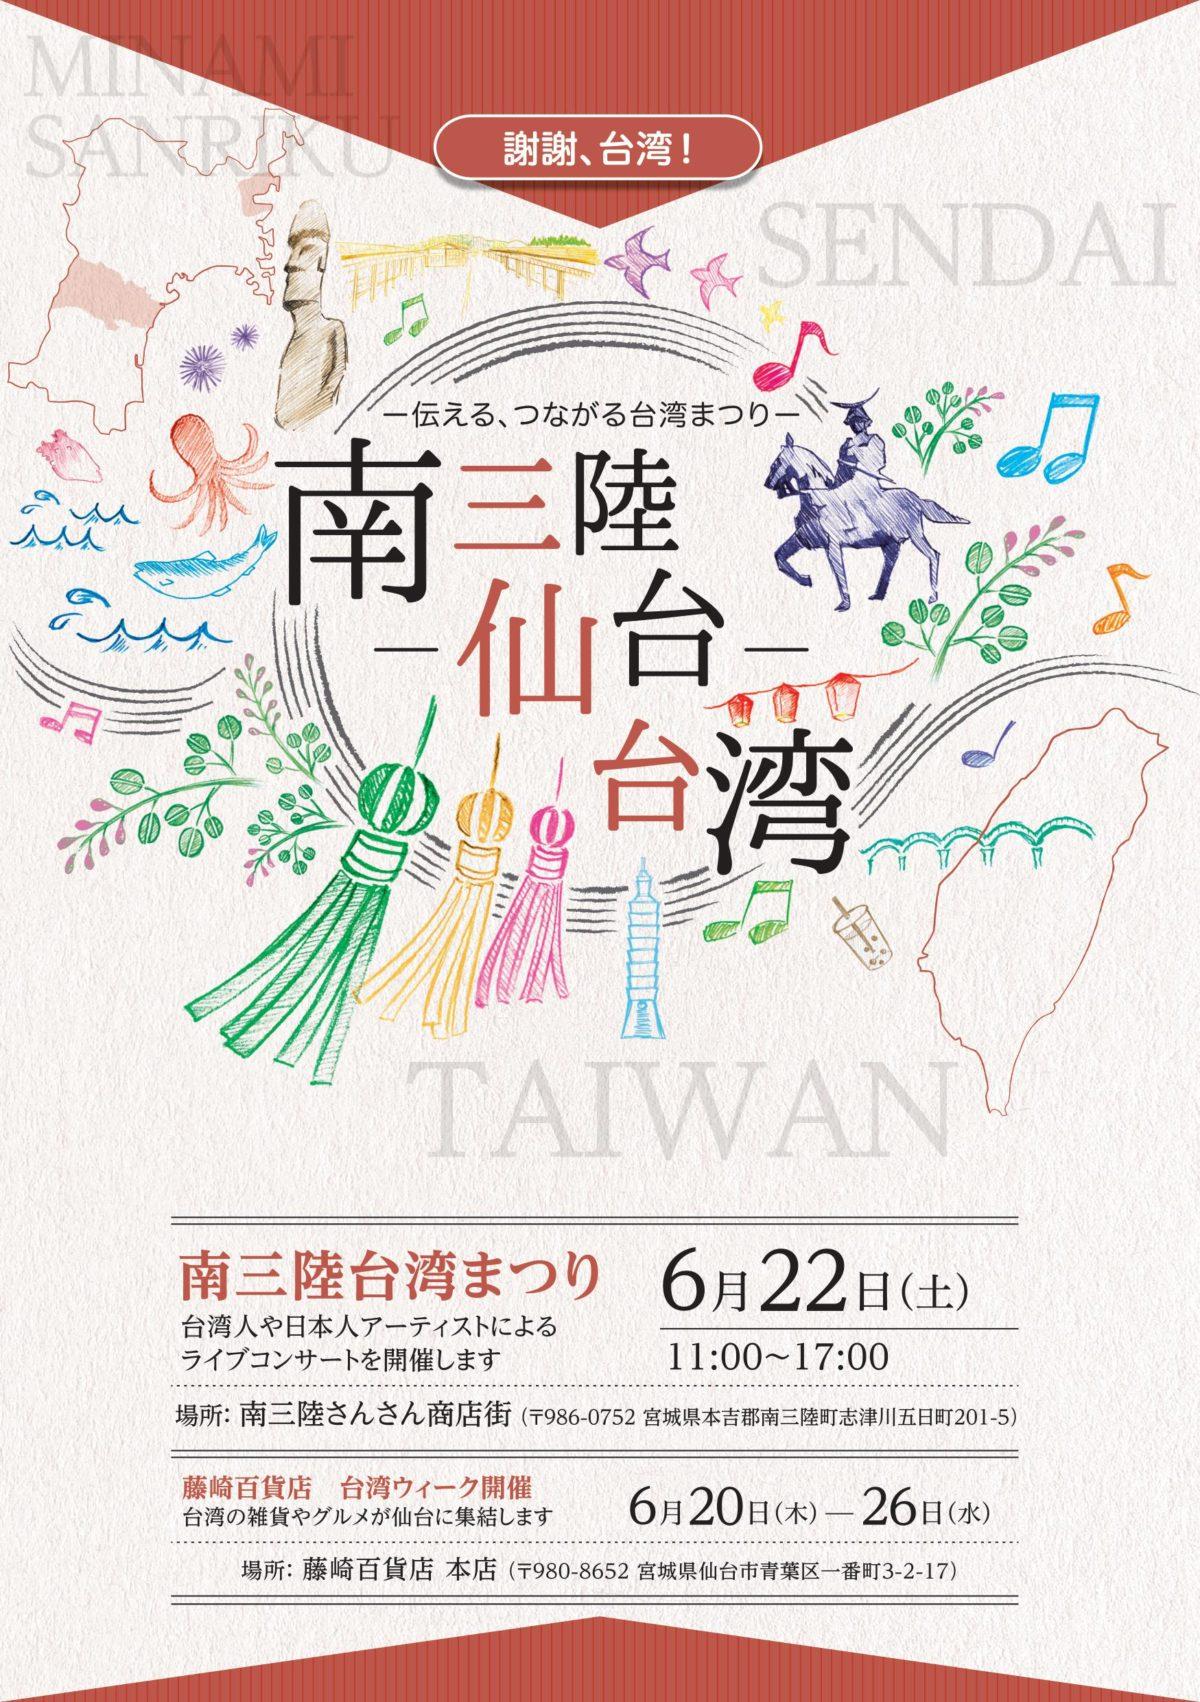 来週6月22日(土)は音楽イベント『南三陸台湾まつり』を開催!